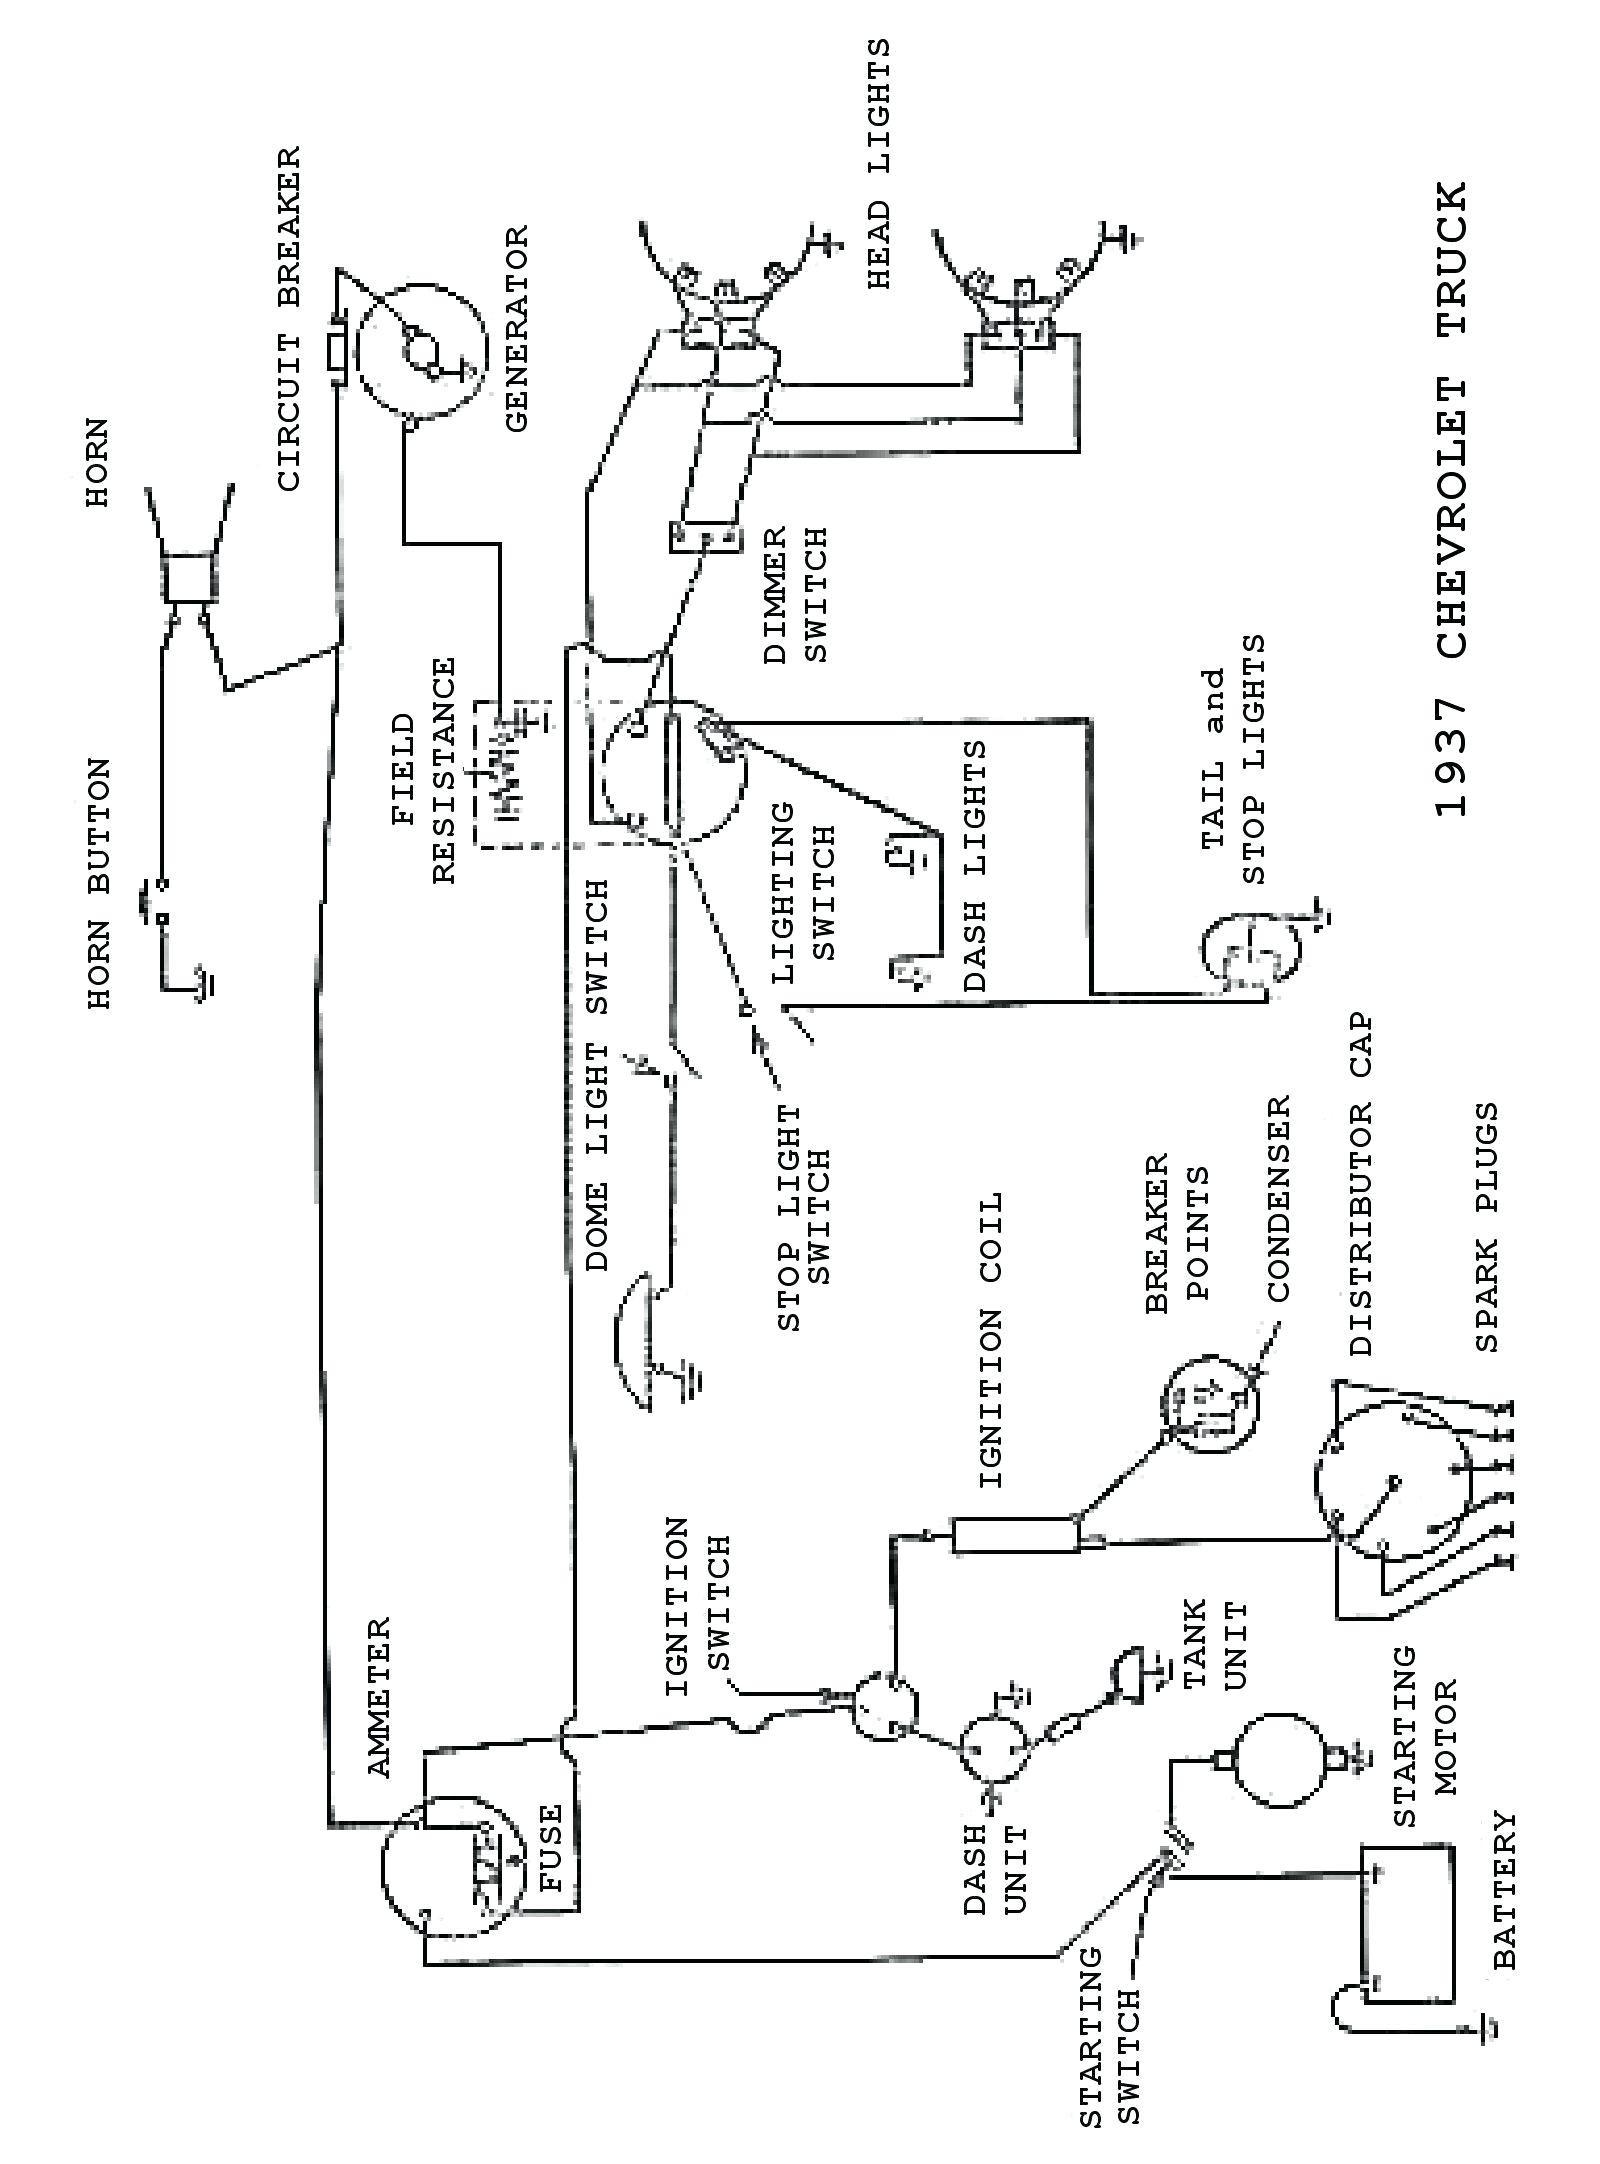 John Deere Gator Starter Wiring Diagram